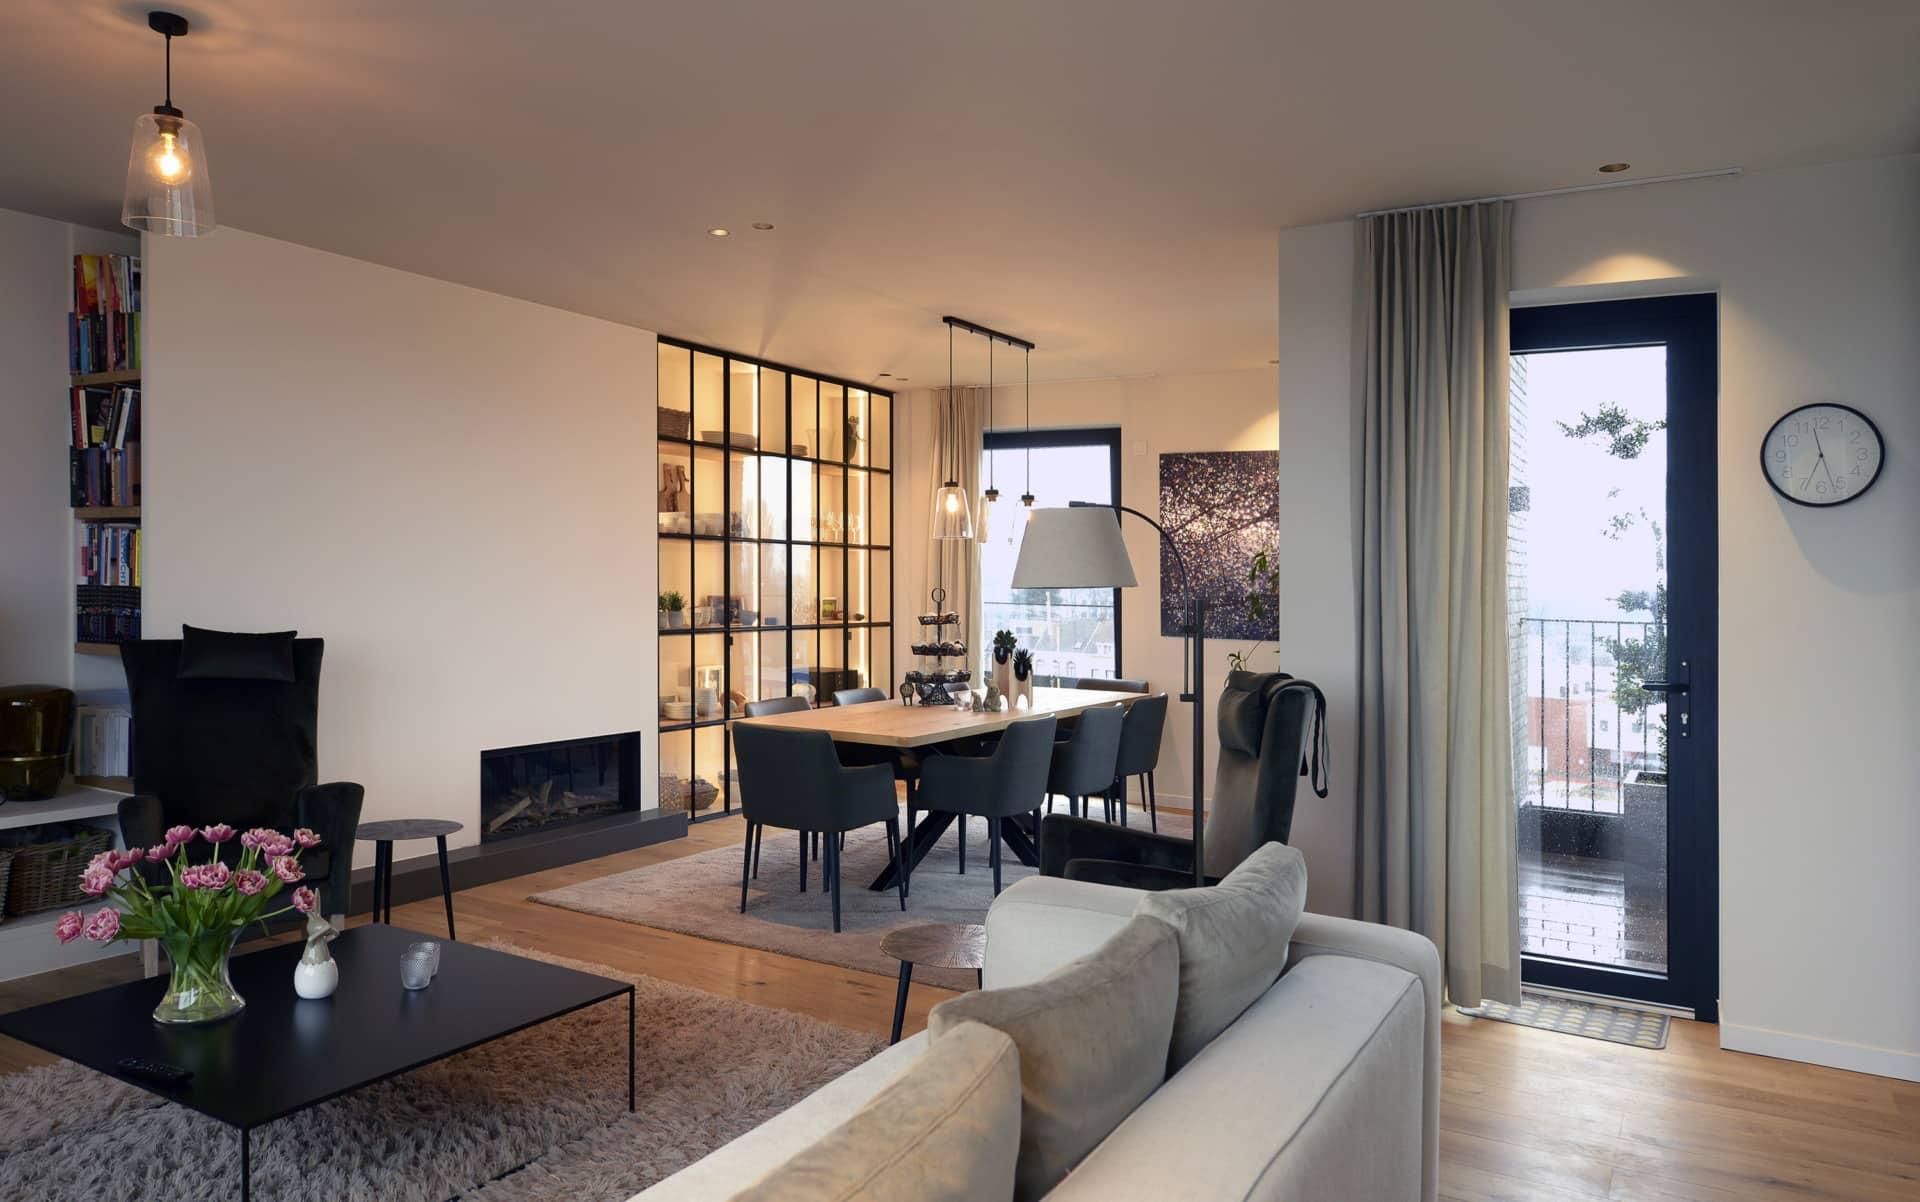 Squareview II in Zelzate - 10 appartementen en handelsruimte | Realisaties - Strak Bouw bv